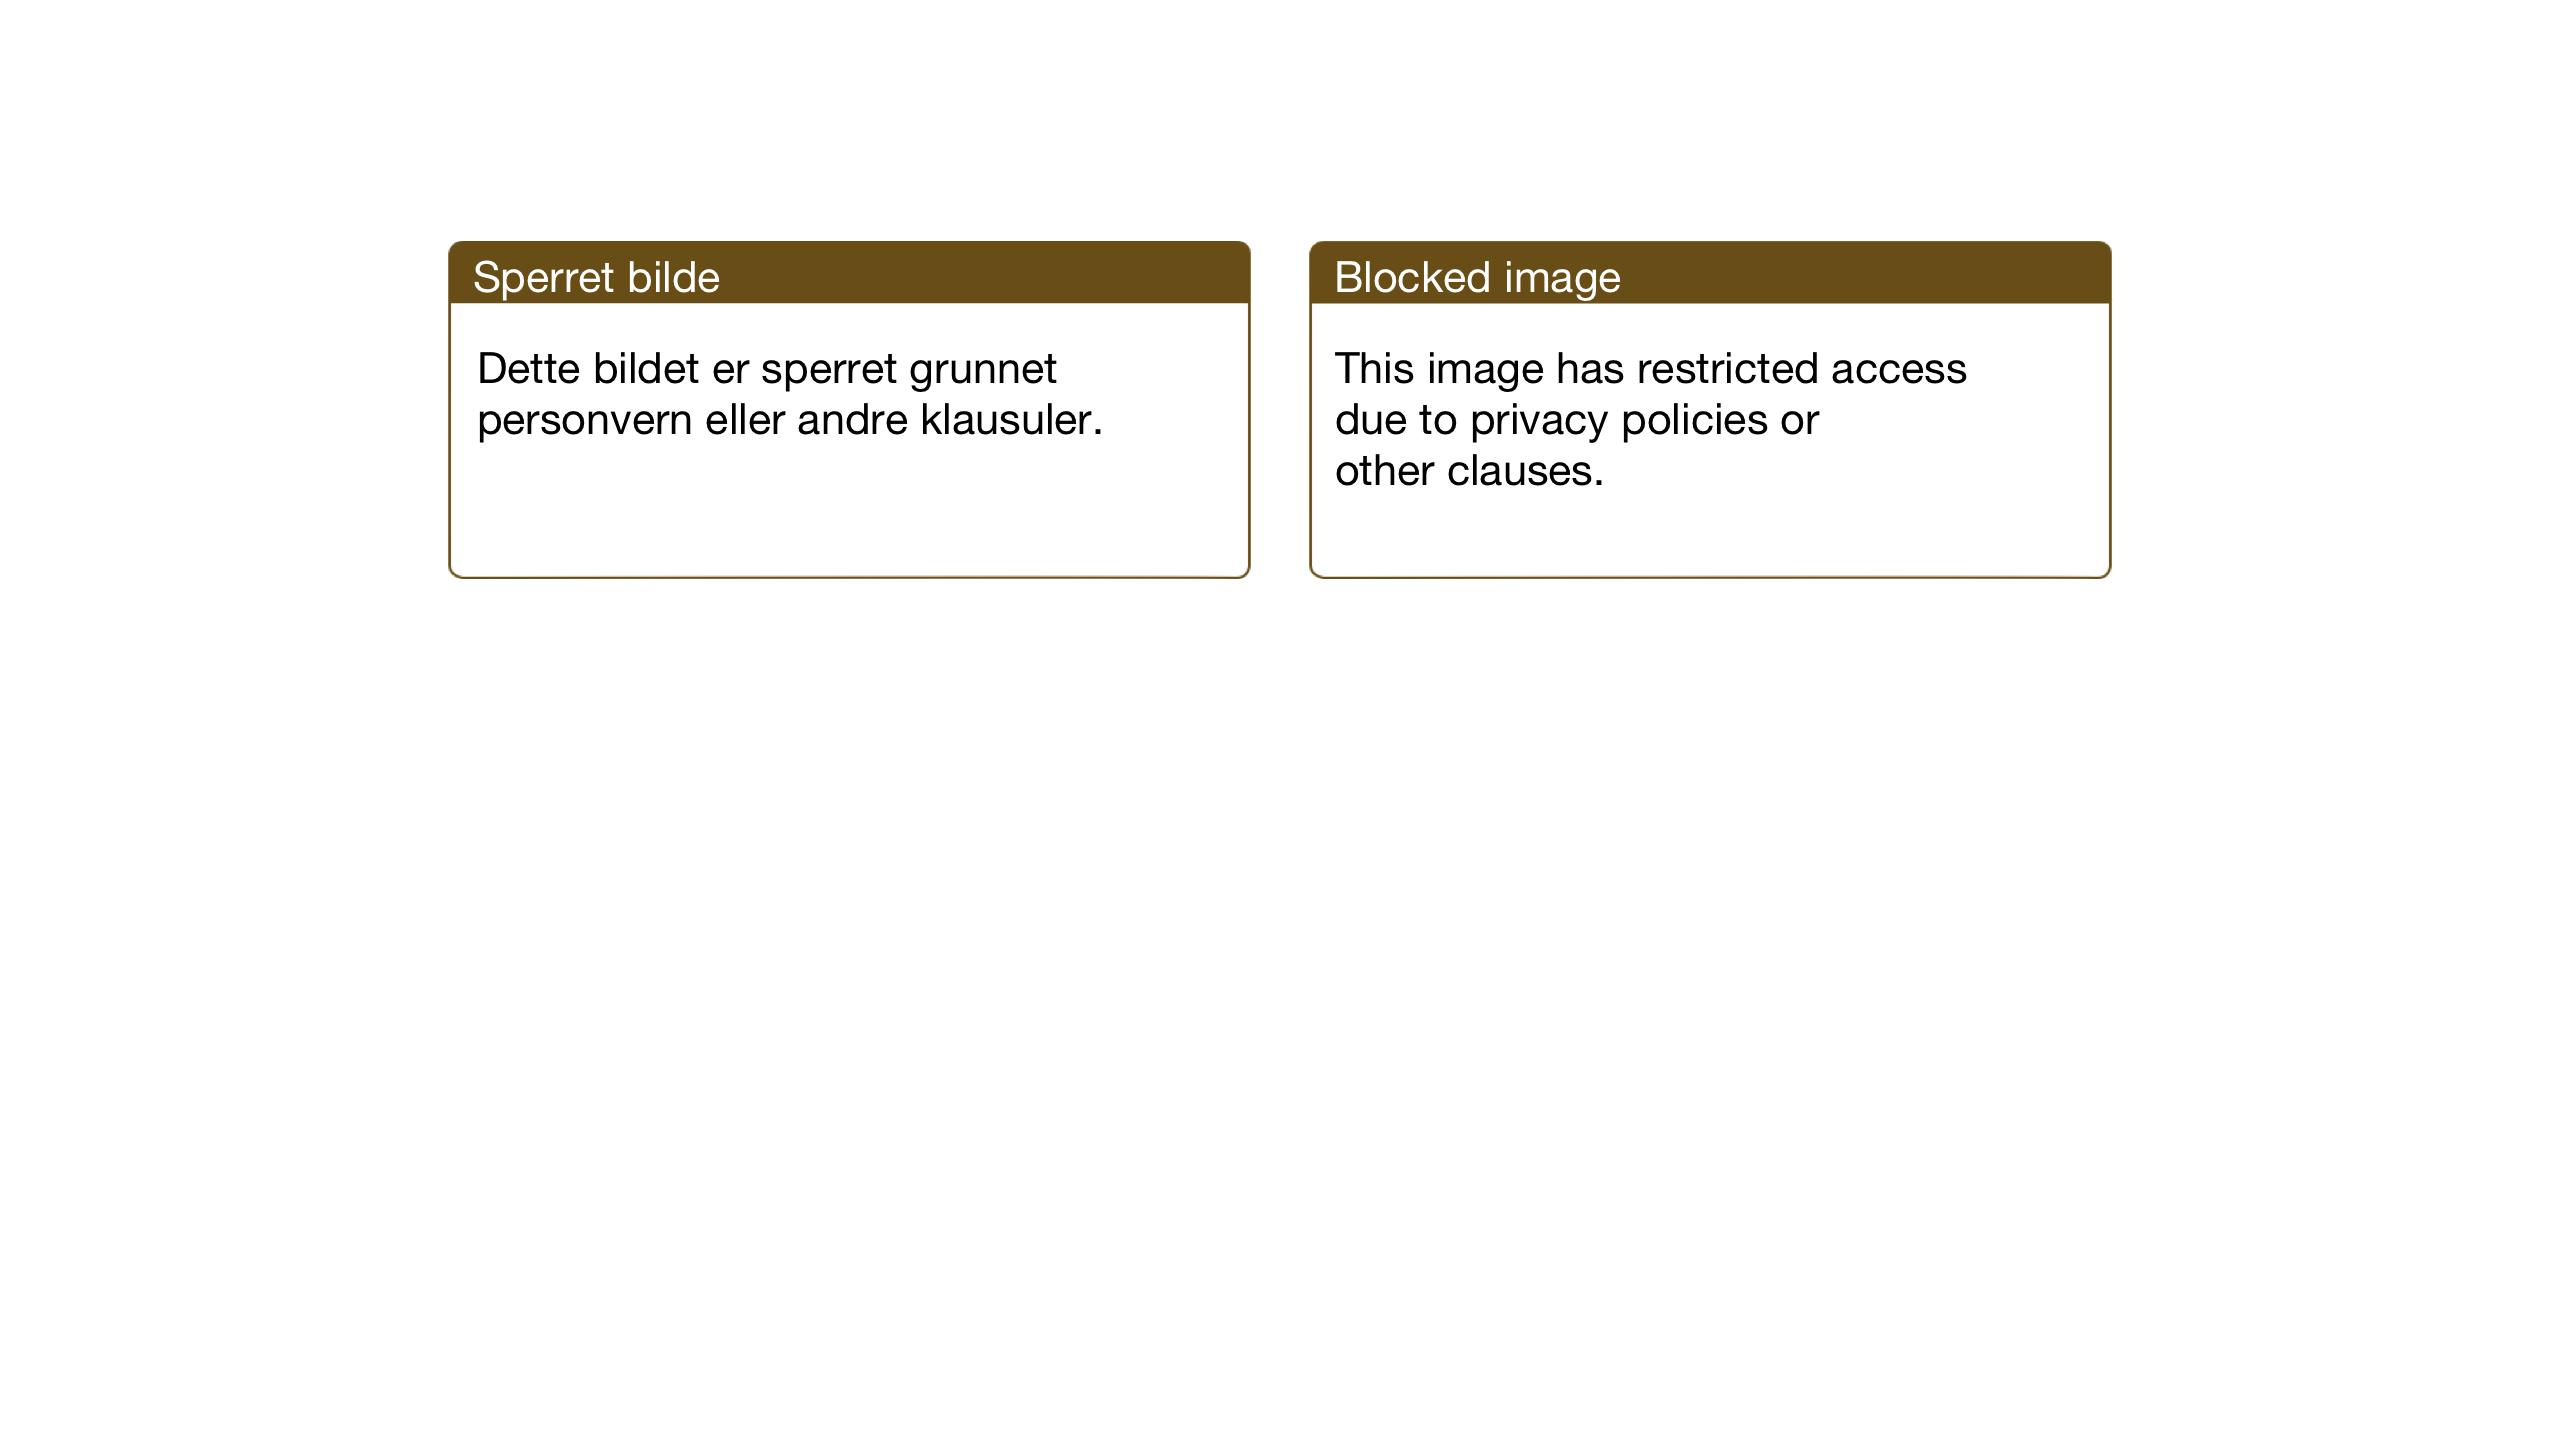 SAT, Ministerialprotokoller, klokkerbøker og fødselsregistre - Nord-Trøndelag, 768/L0583: Klokkerbok nr. 768C01, 1928-1953, s. 53